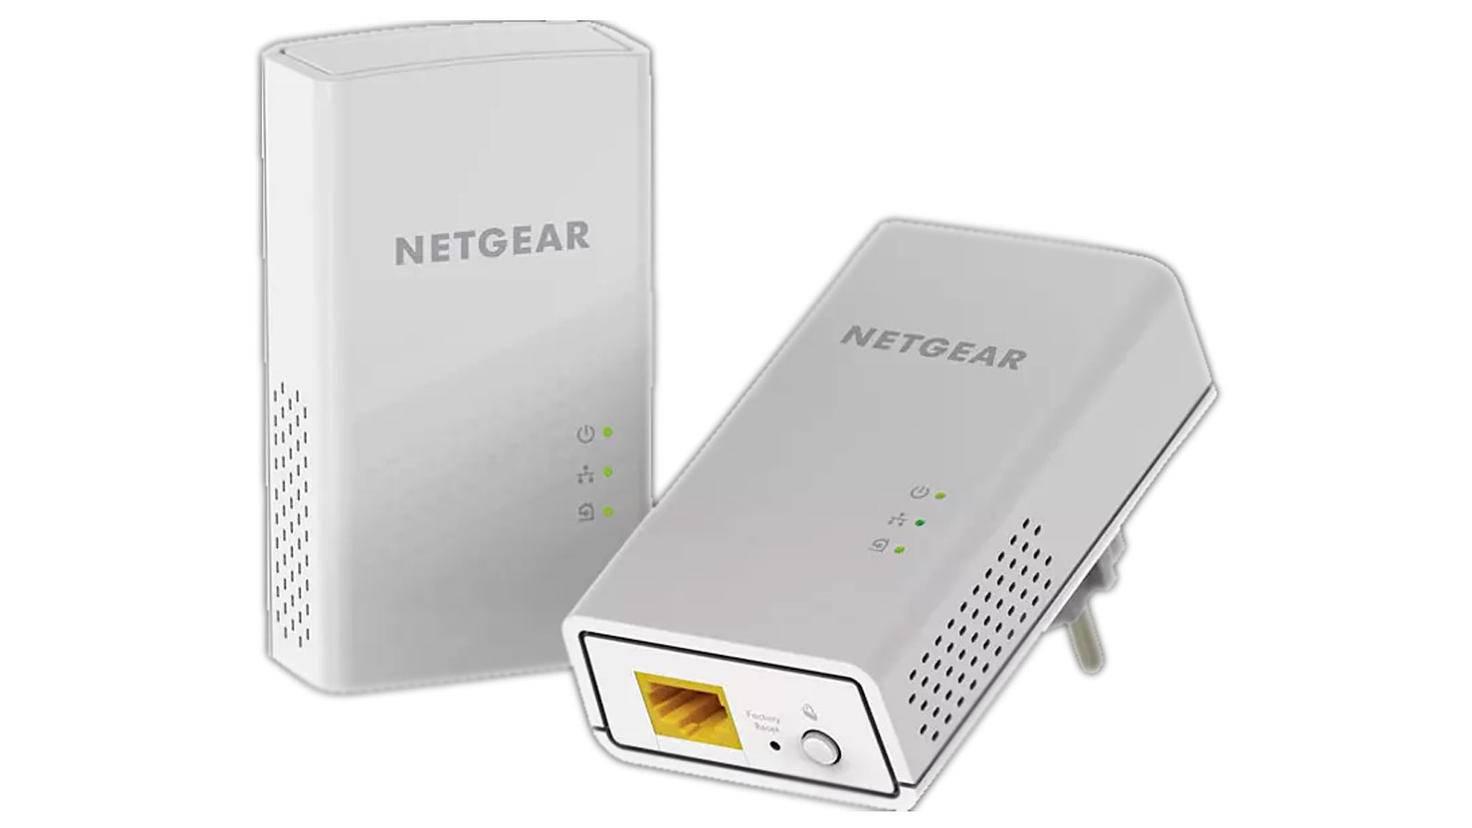 NETGEAR Powerline PL1000